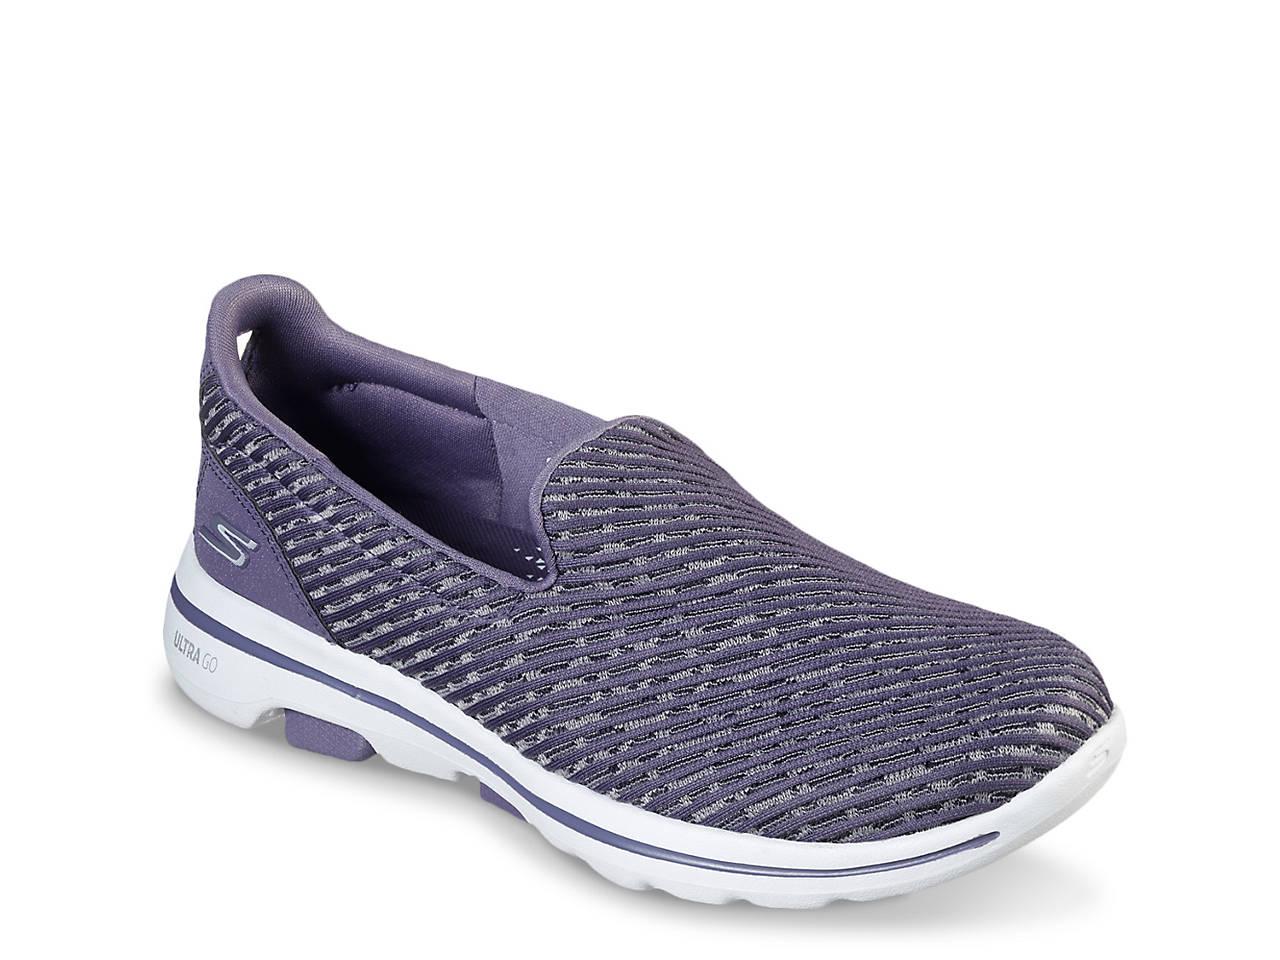 Skechers GOwalk 5 Miracle Slip On Women's Women's Shoes DSW  DSW